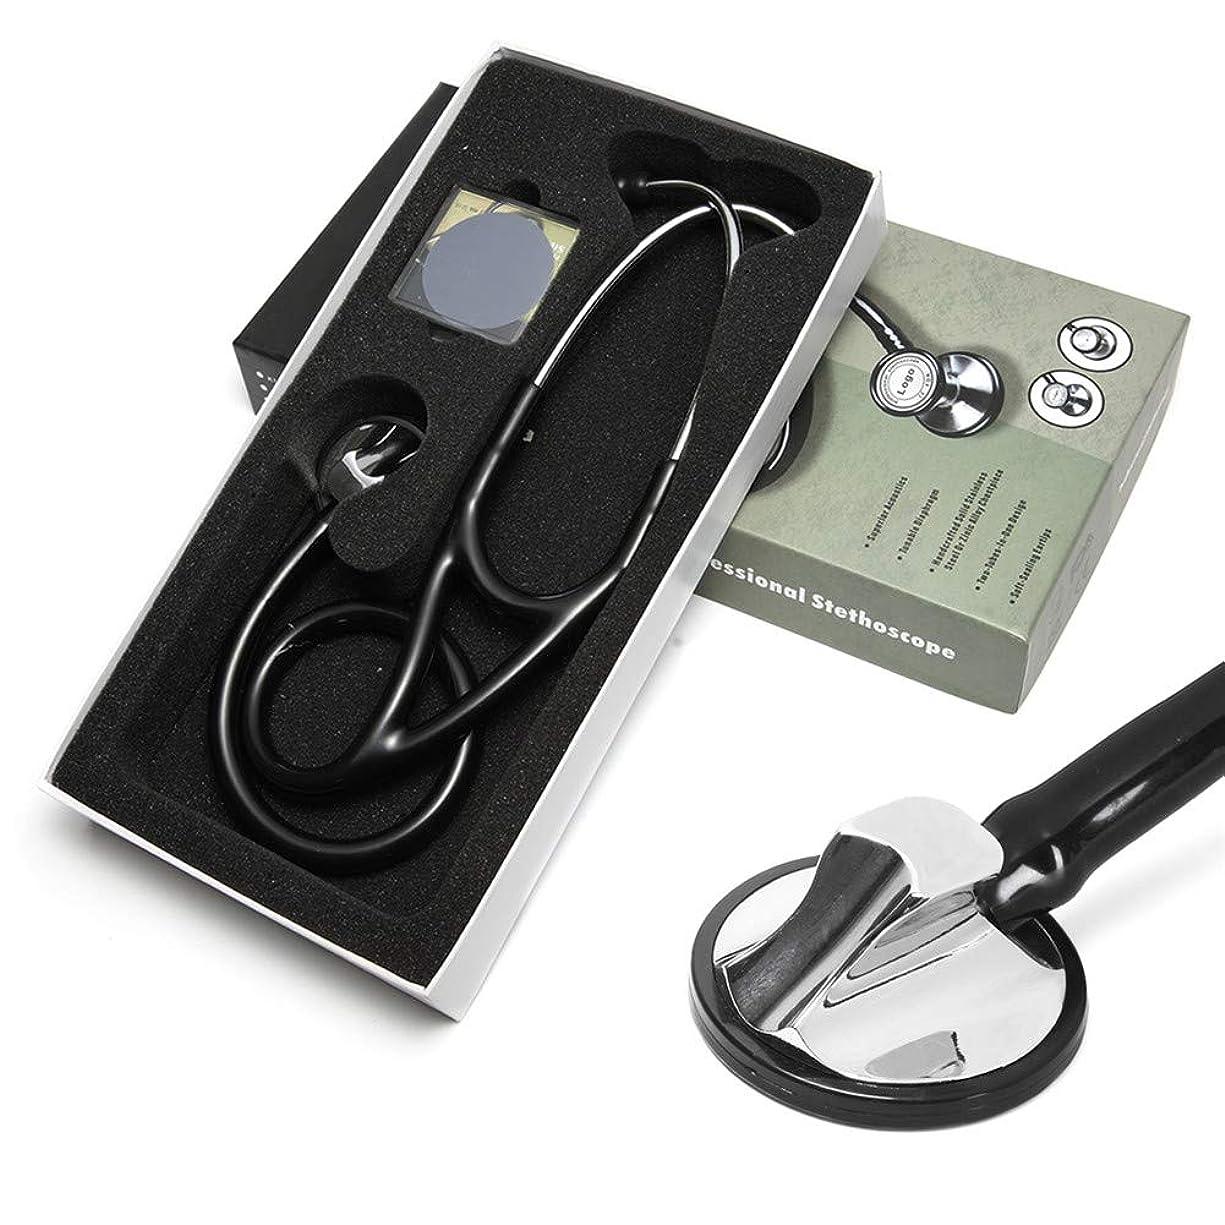 許可ツーリスト予感医者に適当な専門の聴診器の心臓病の聴診器の監視聴診器の緊急装置